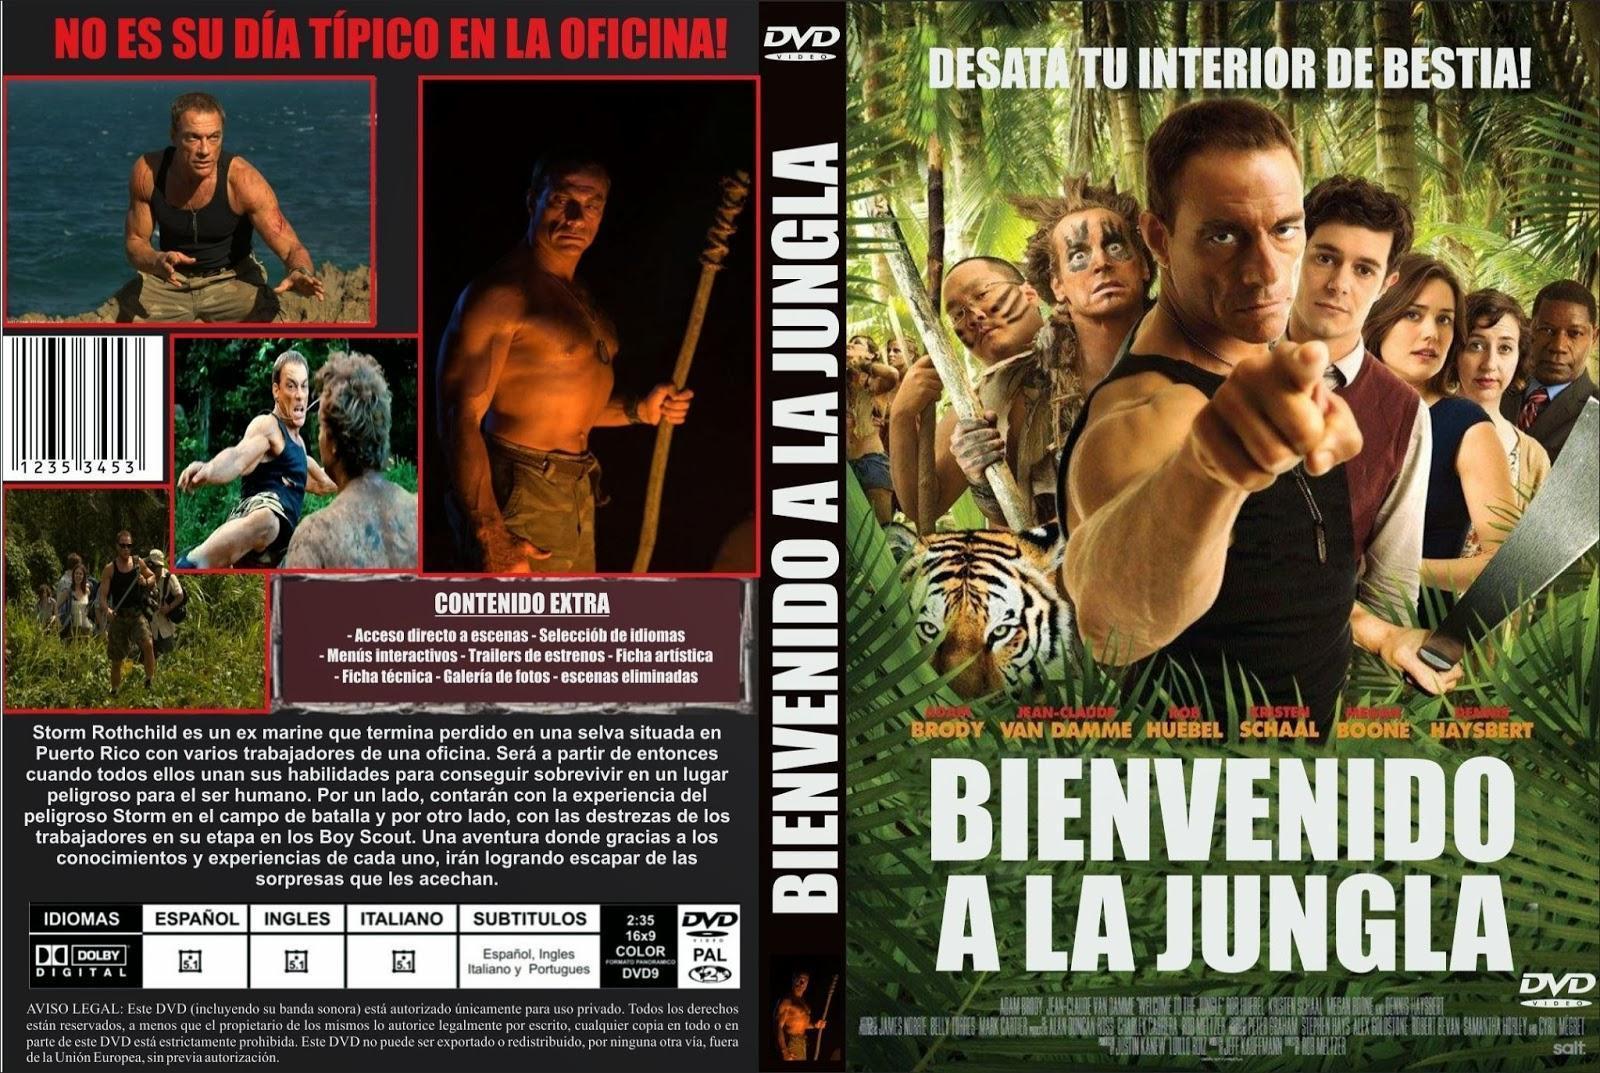 Bienvenido A La Jungla 2013 Filmaffinity